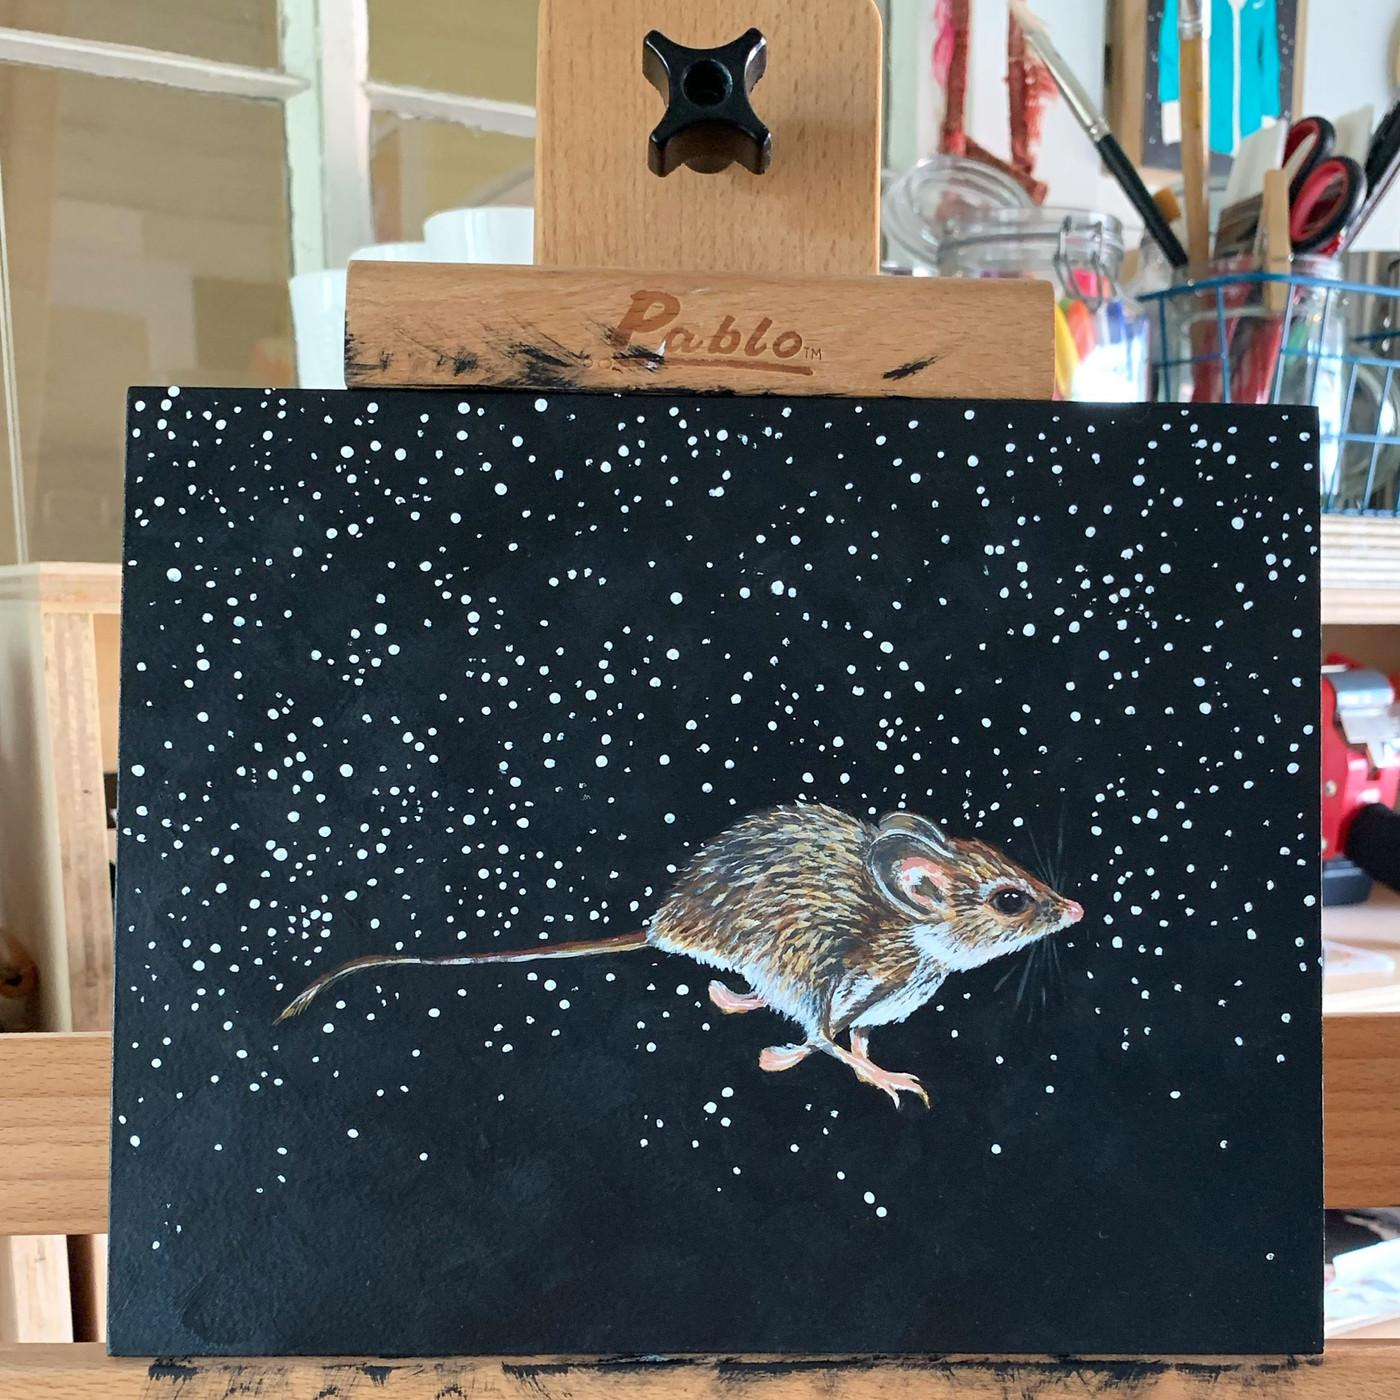 Palo Duro Mouse (Peromyscus truei comanche- Threatened)